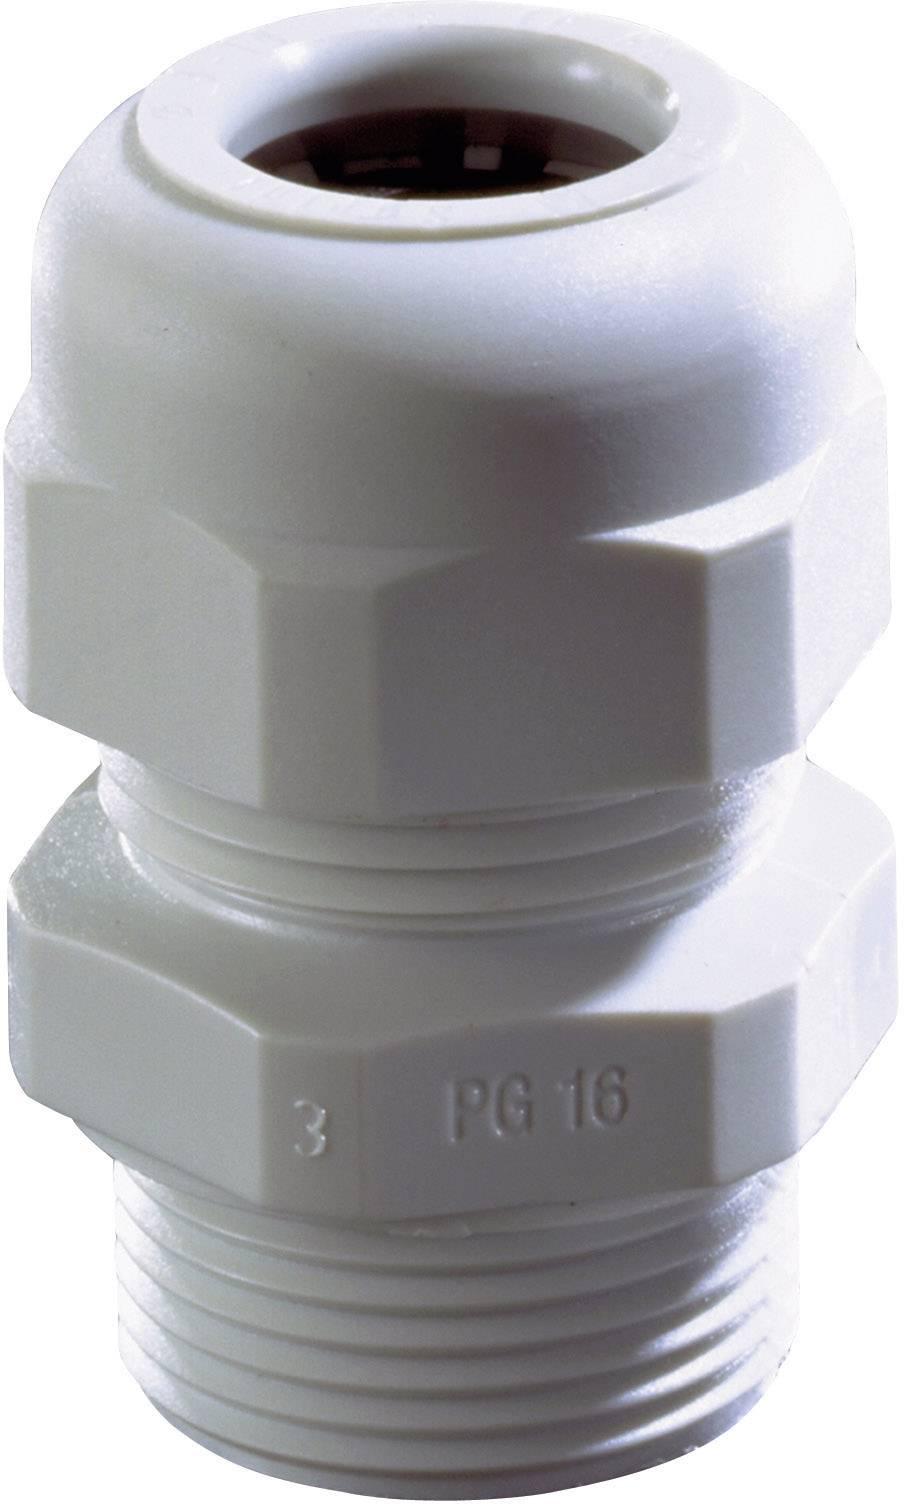 Káblová priechodka Wiska SKV PG 42 RAL 9005, polyamid, čierna, 1 ks